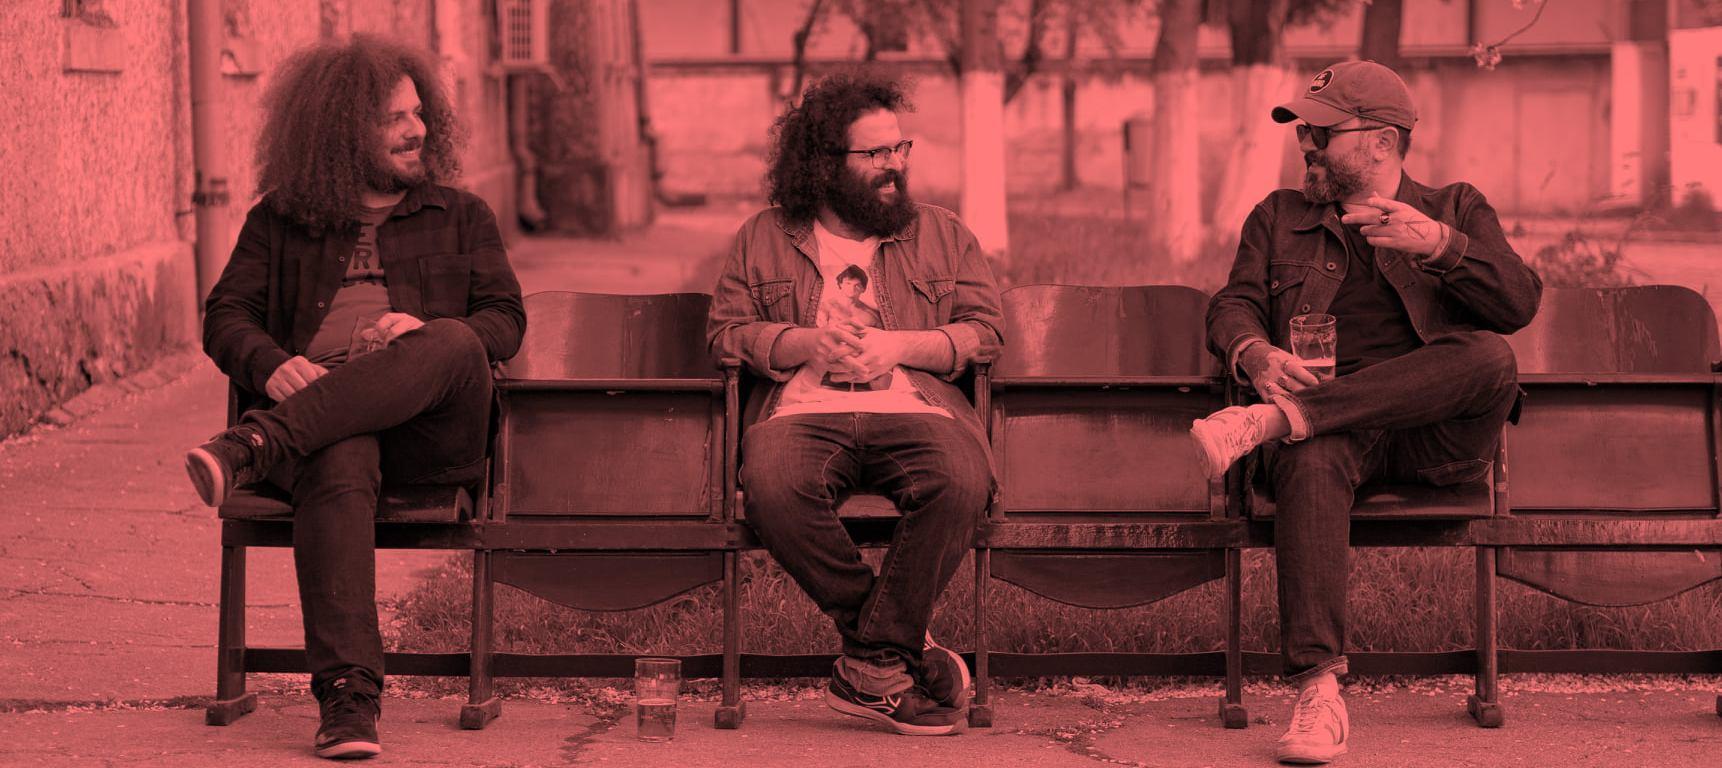 Bucureștenii de la trupa Orkid au lansat videoclipul pentru single-ul Little Wonder. Artiștii au postat clipul pe rețelele de socializare însoțit de următorul mesaj.